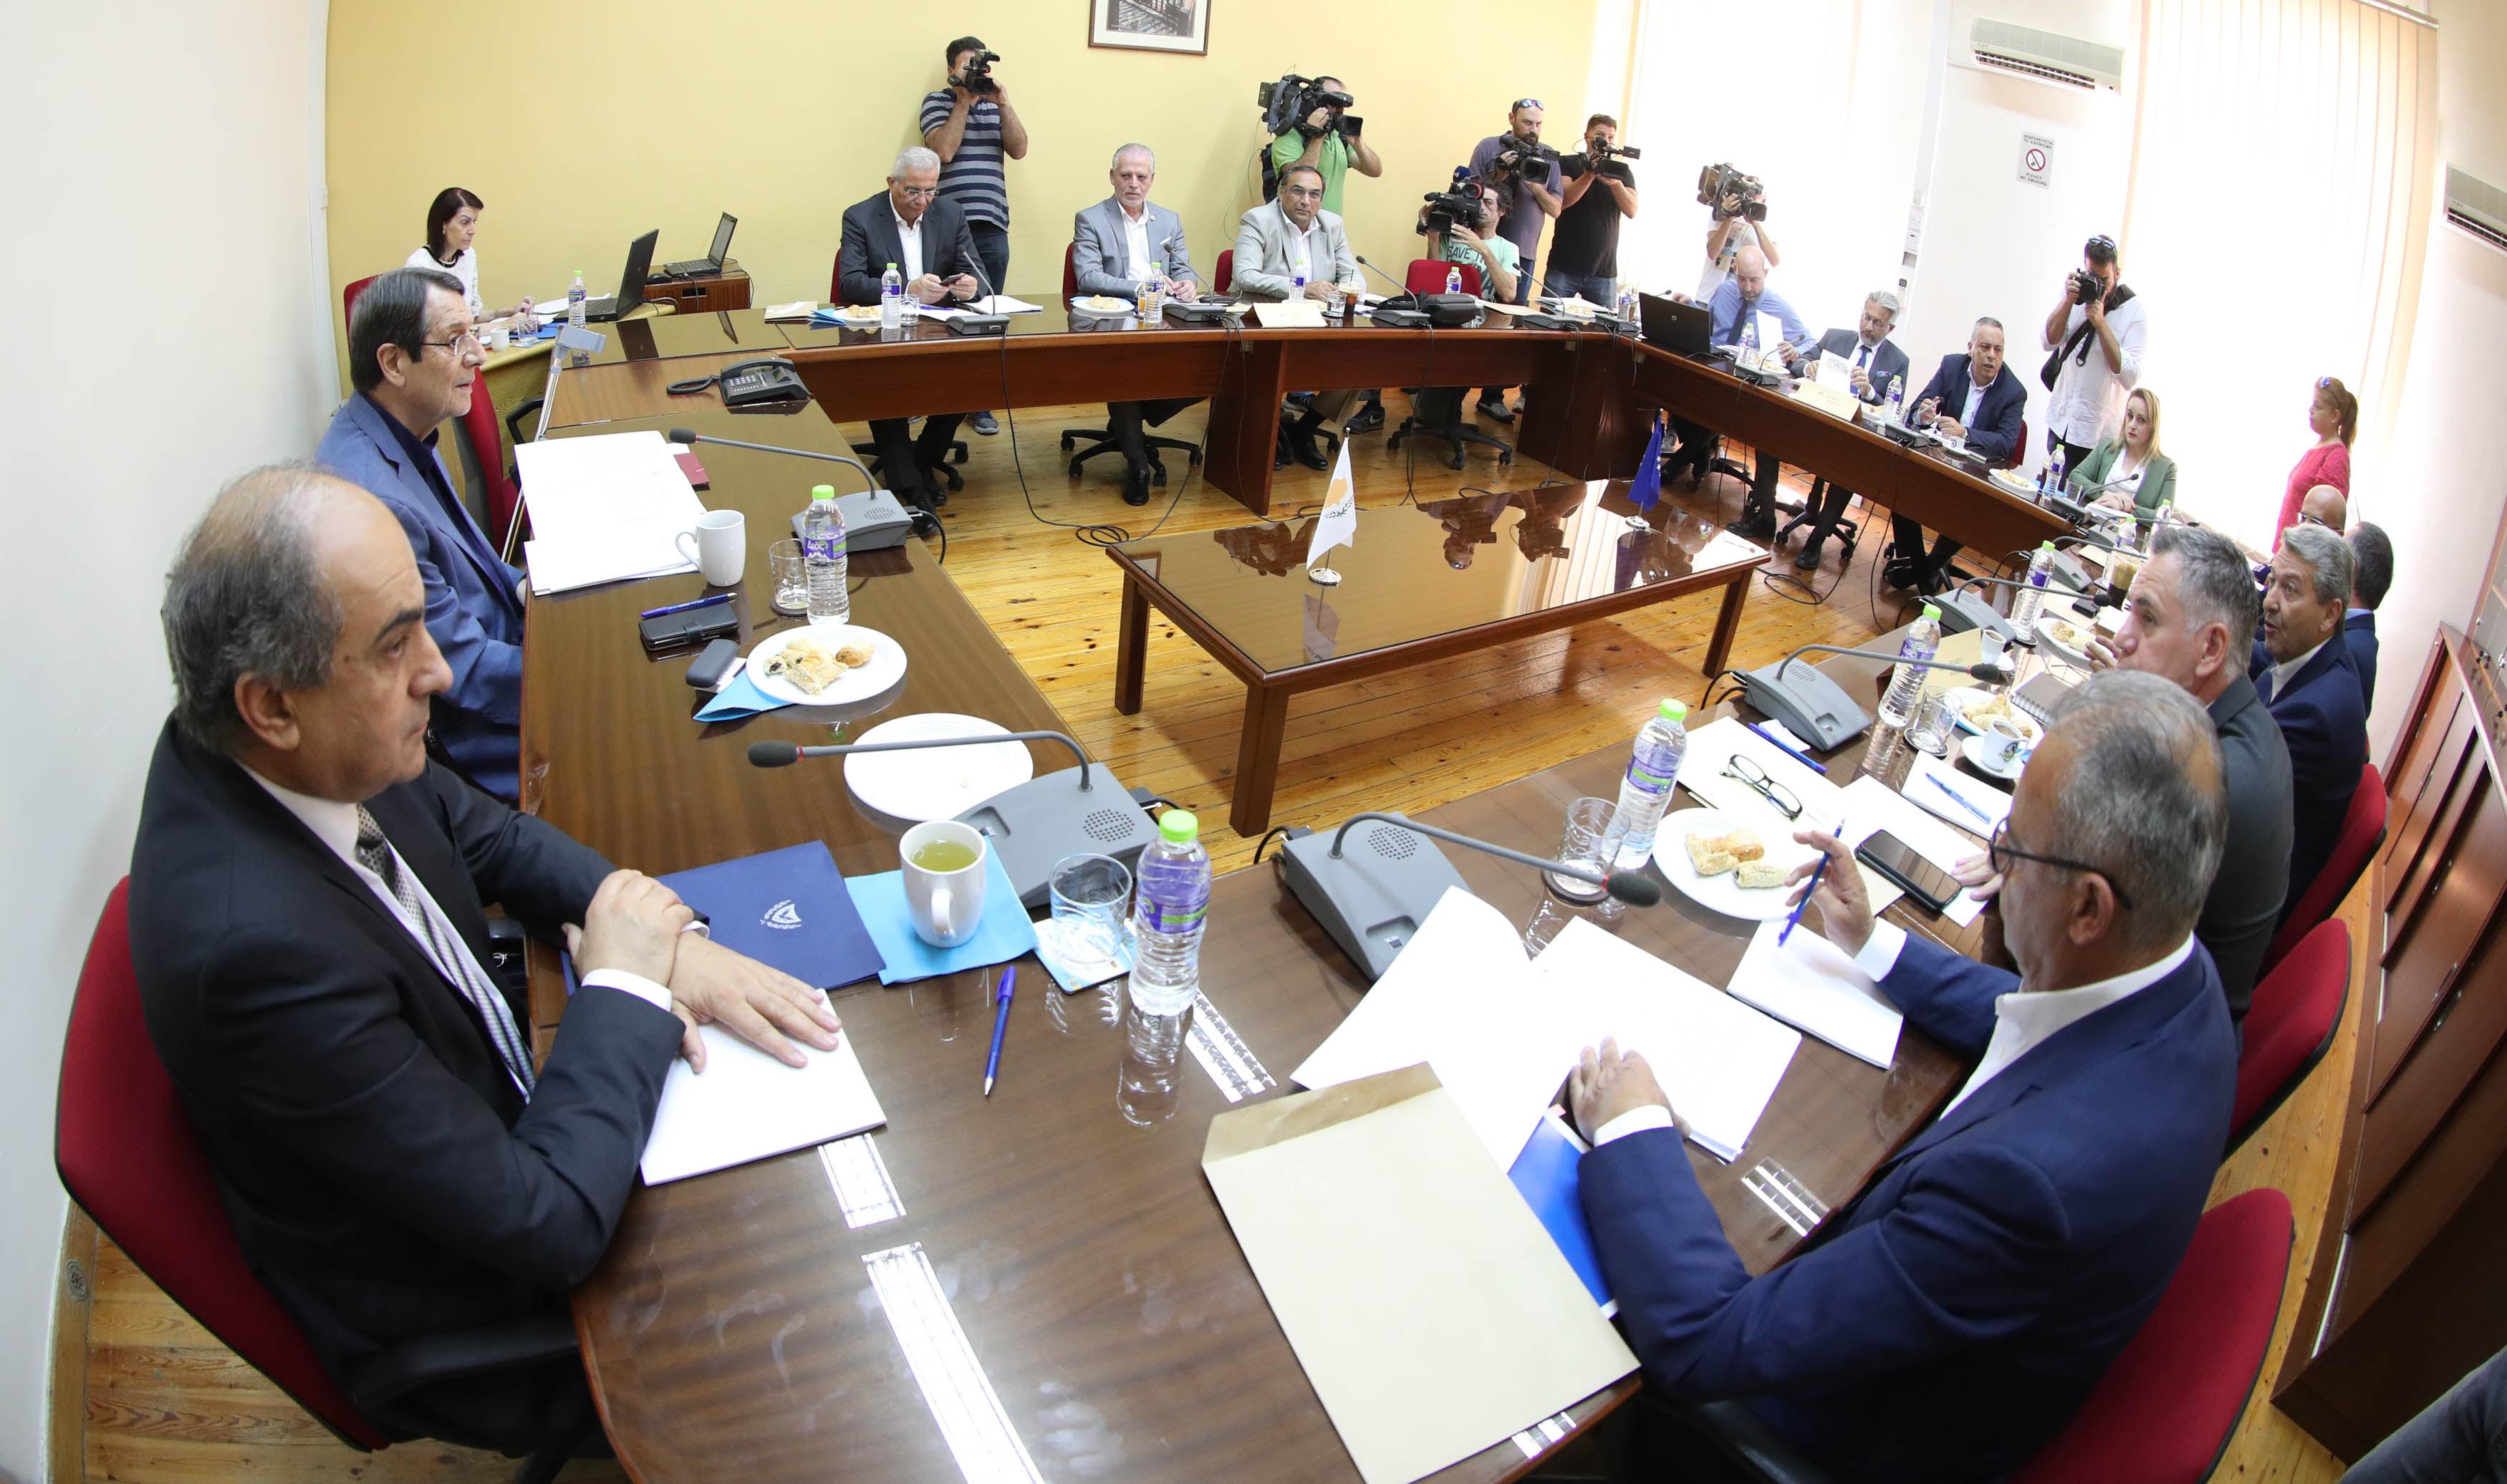 Απορρίφθηκε η πρόταση Ακιντζί για το Φυσικό Αέριο μετά το Συμβούλιο Αρχηγών